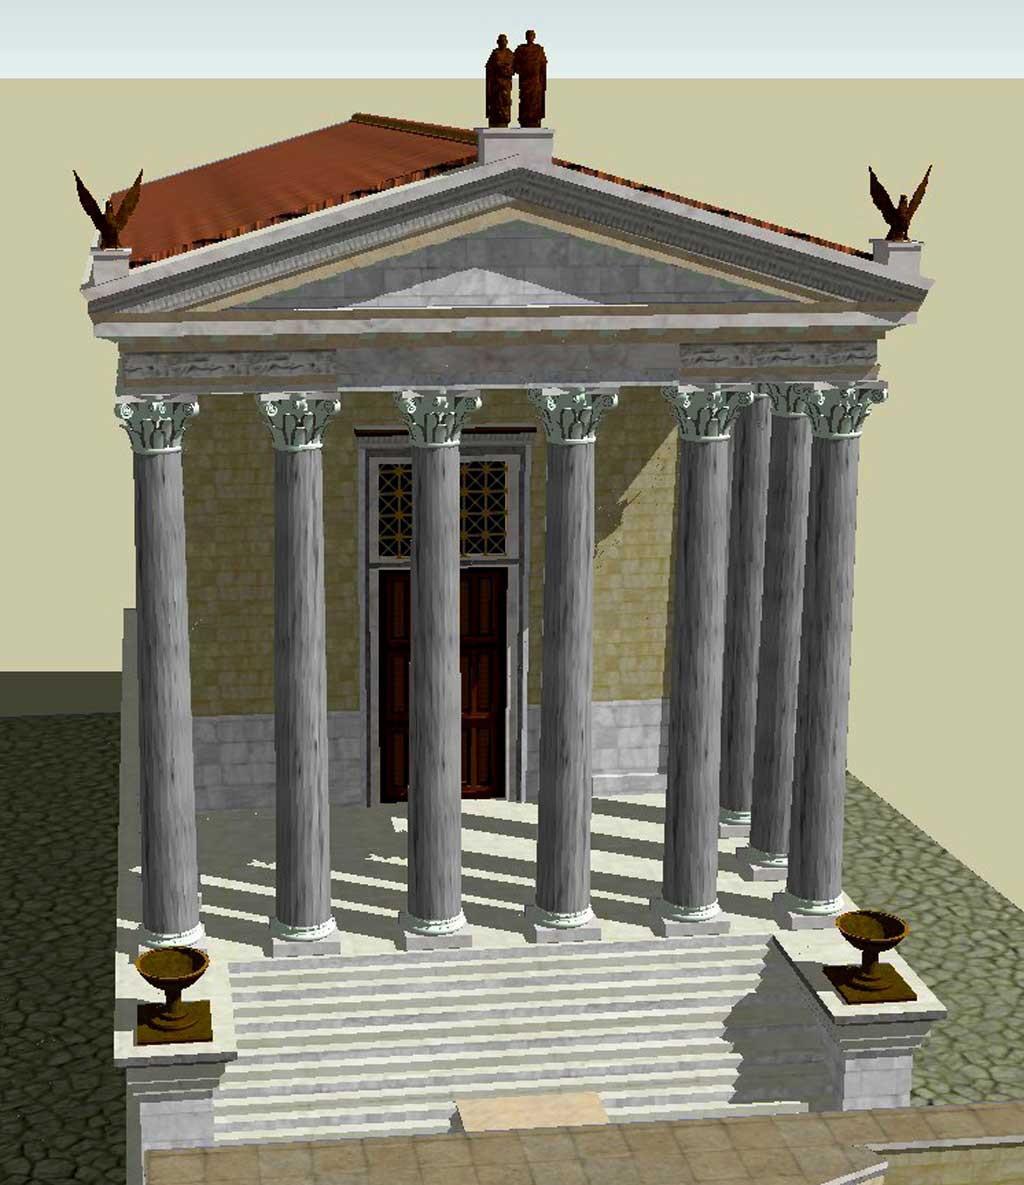 Храм Антонина и Фаустины, древнейшие храмы рима,храмы рима, рим античный, достопримечательности рима, римский форум, древние храмы, римские руины